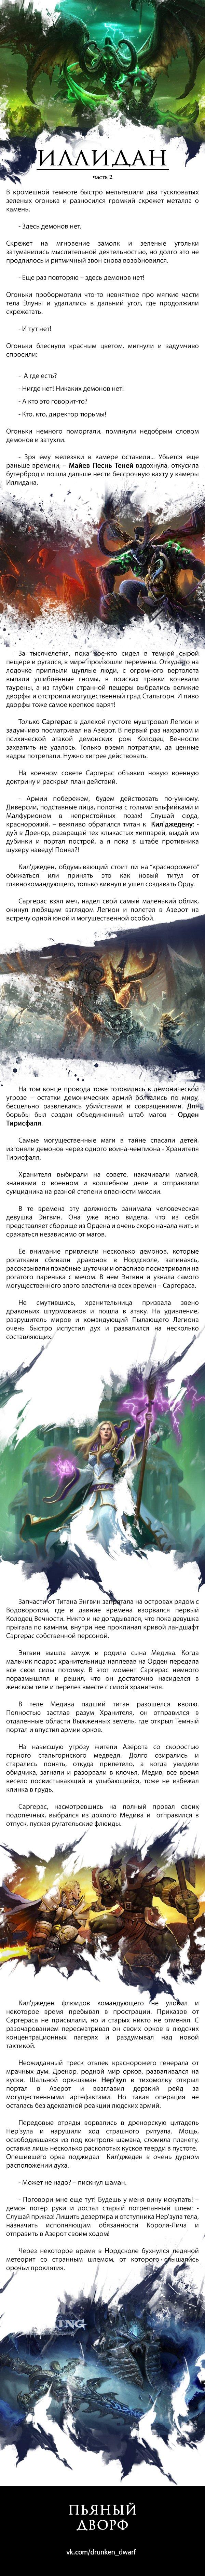 История Иллидана. Часть 2. (записки Пьяного Дворфа). - Изображение 1